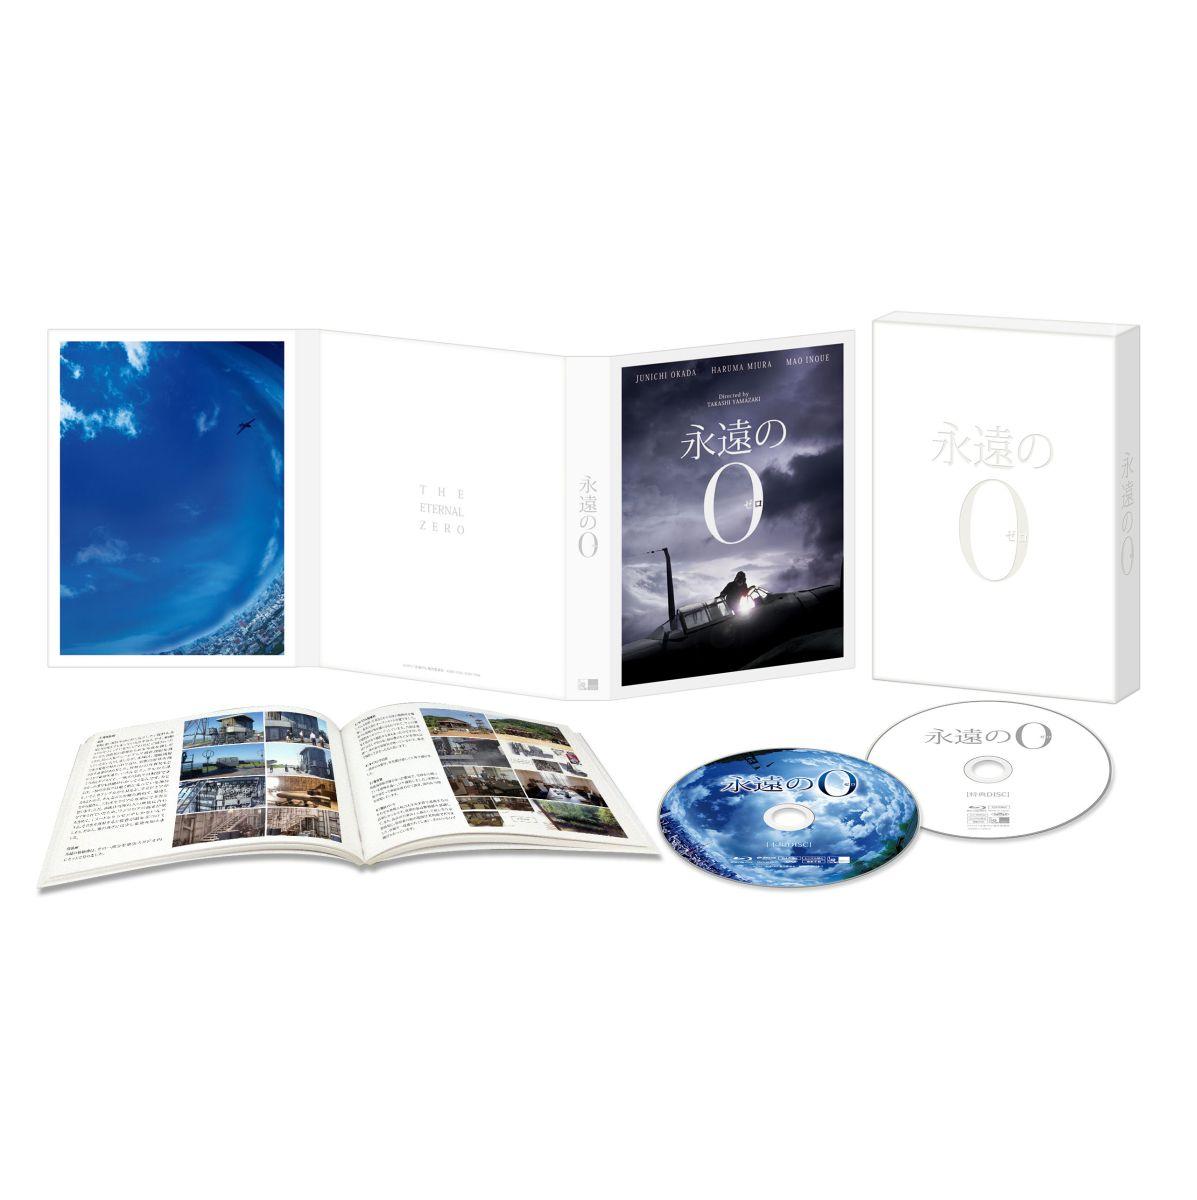 永遠の0 Blu-ray豪華版 【初回生産限定仕様】【Blu-ray】 [ 岡田准一 ]...:book:16940983